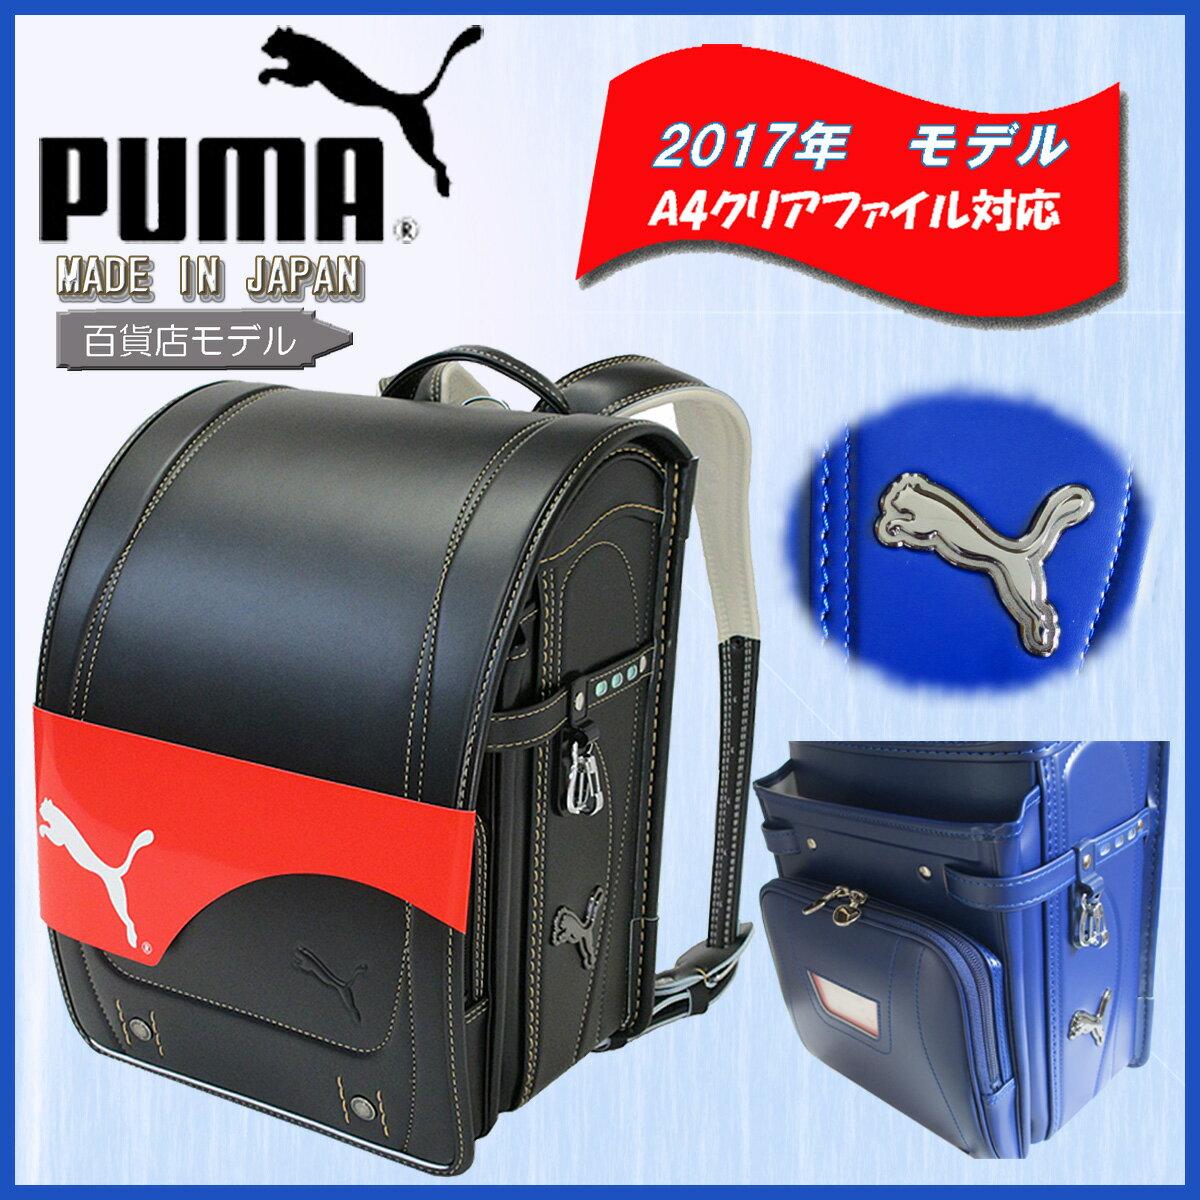 2017年度 天使のはね機能搭載 百貨店モデル PUMA プーマ クラリーノ(R) ランドセル PB-2820 MADE IN JAPAN(日本製)